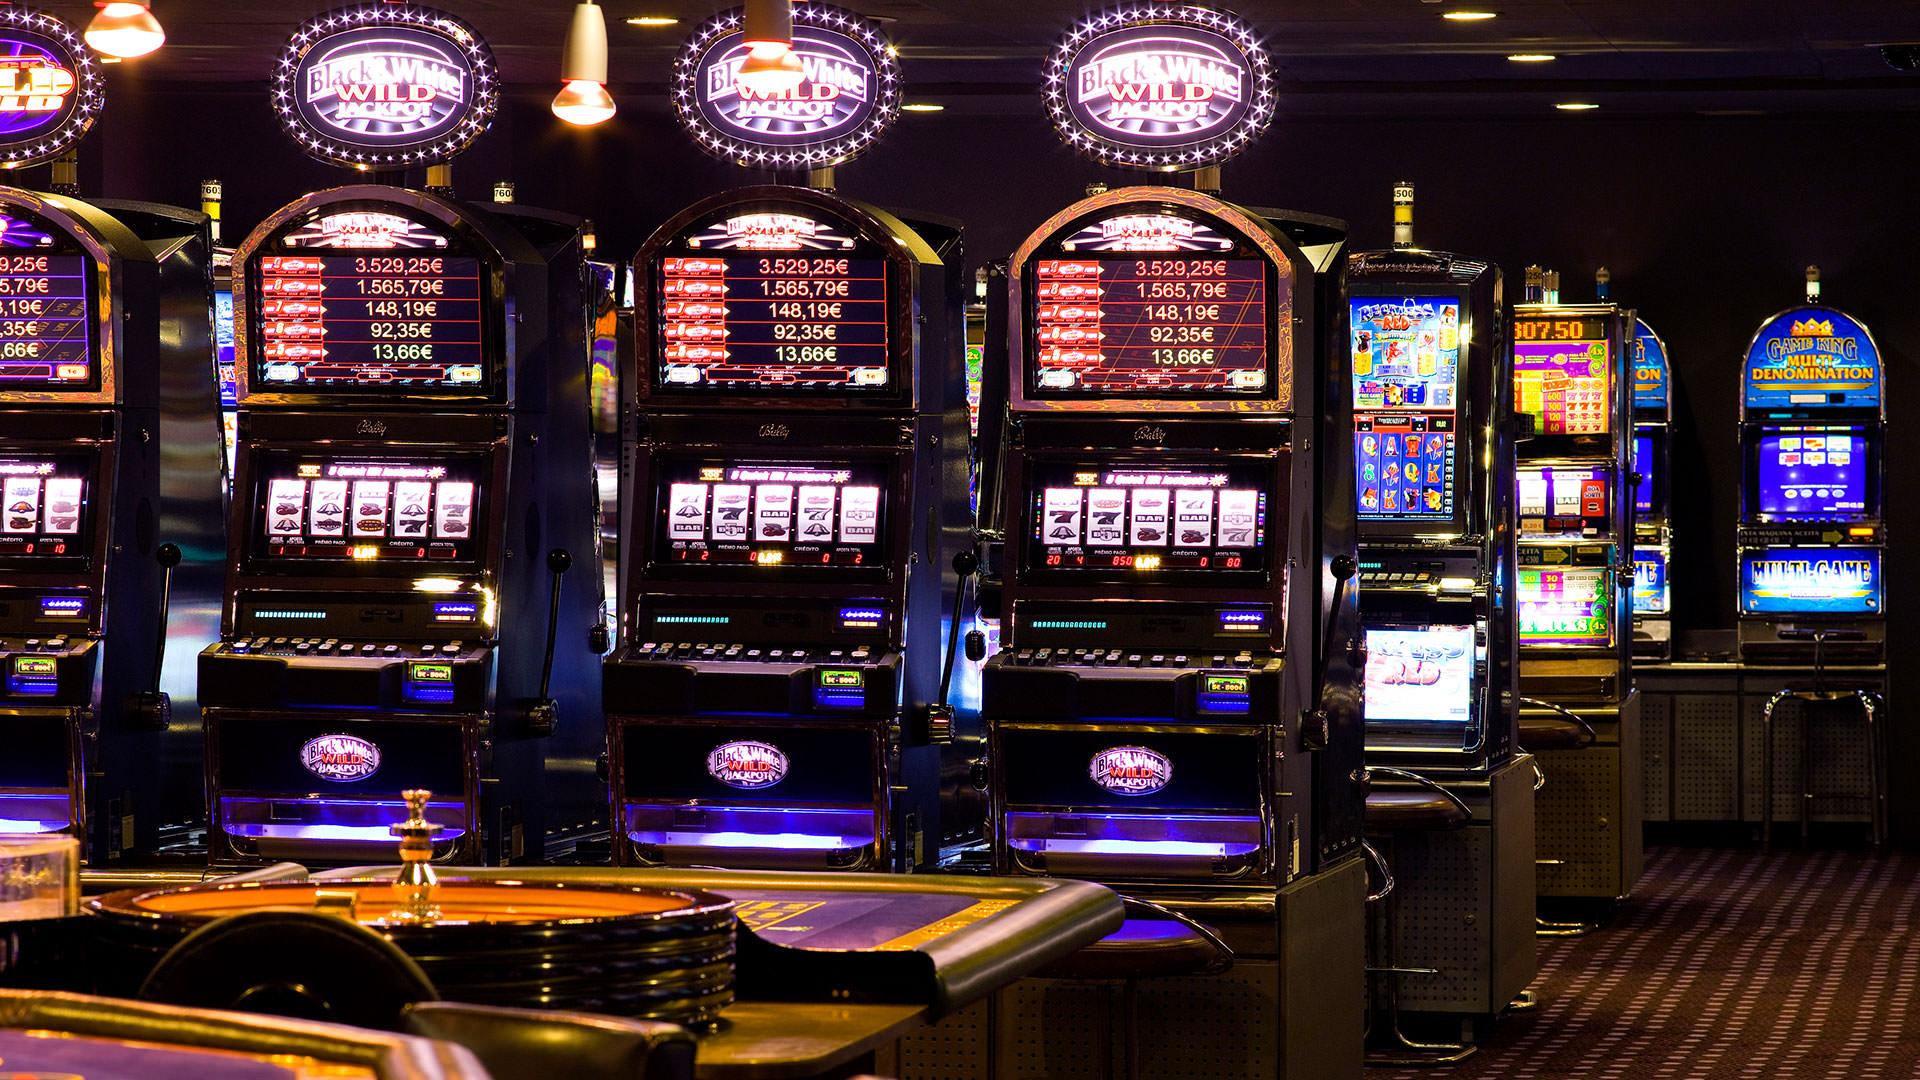 Casino jeux